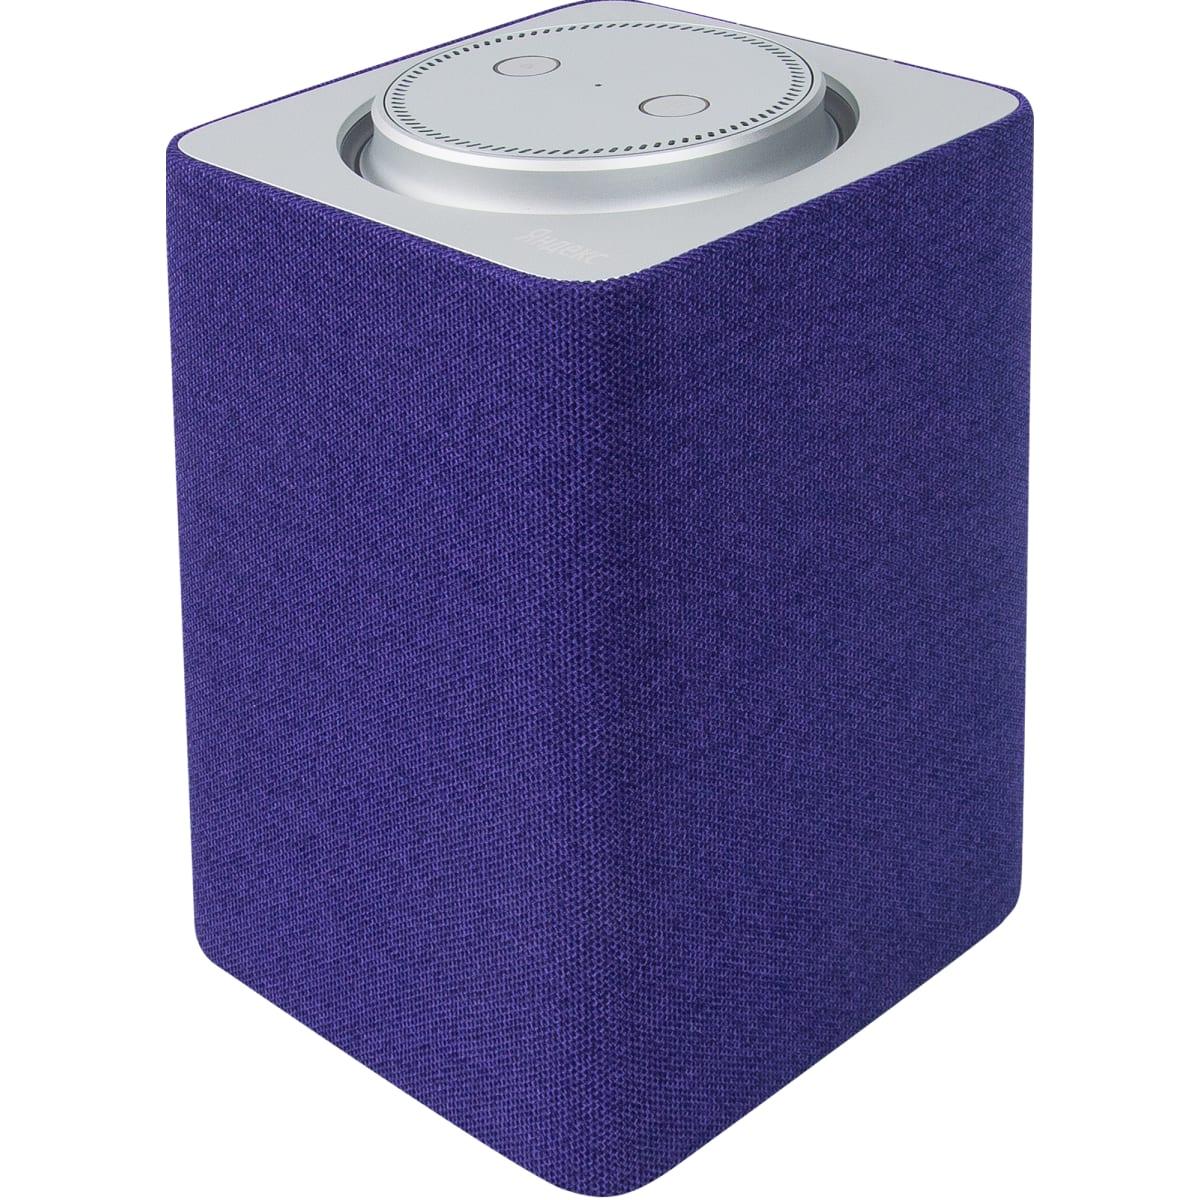 Умная колонка Яндекс Станция YNDX-0001 цвет фиолетовый